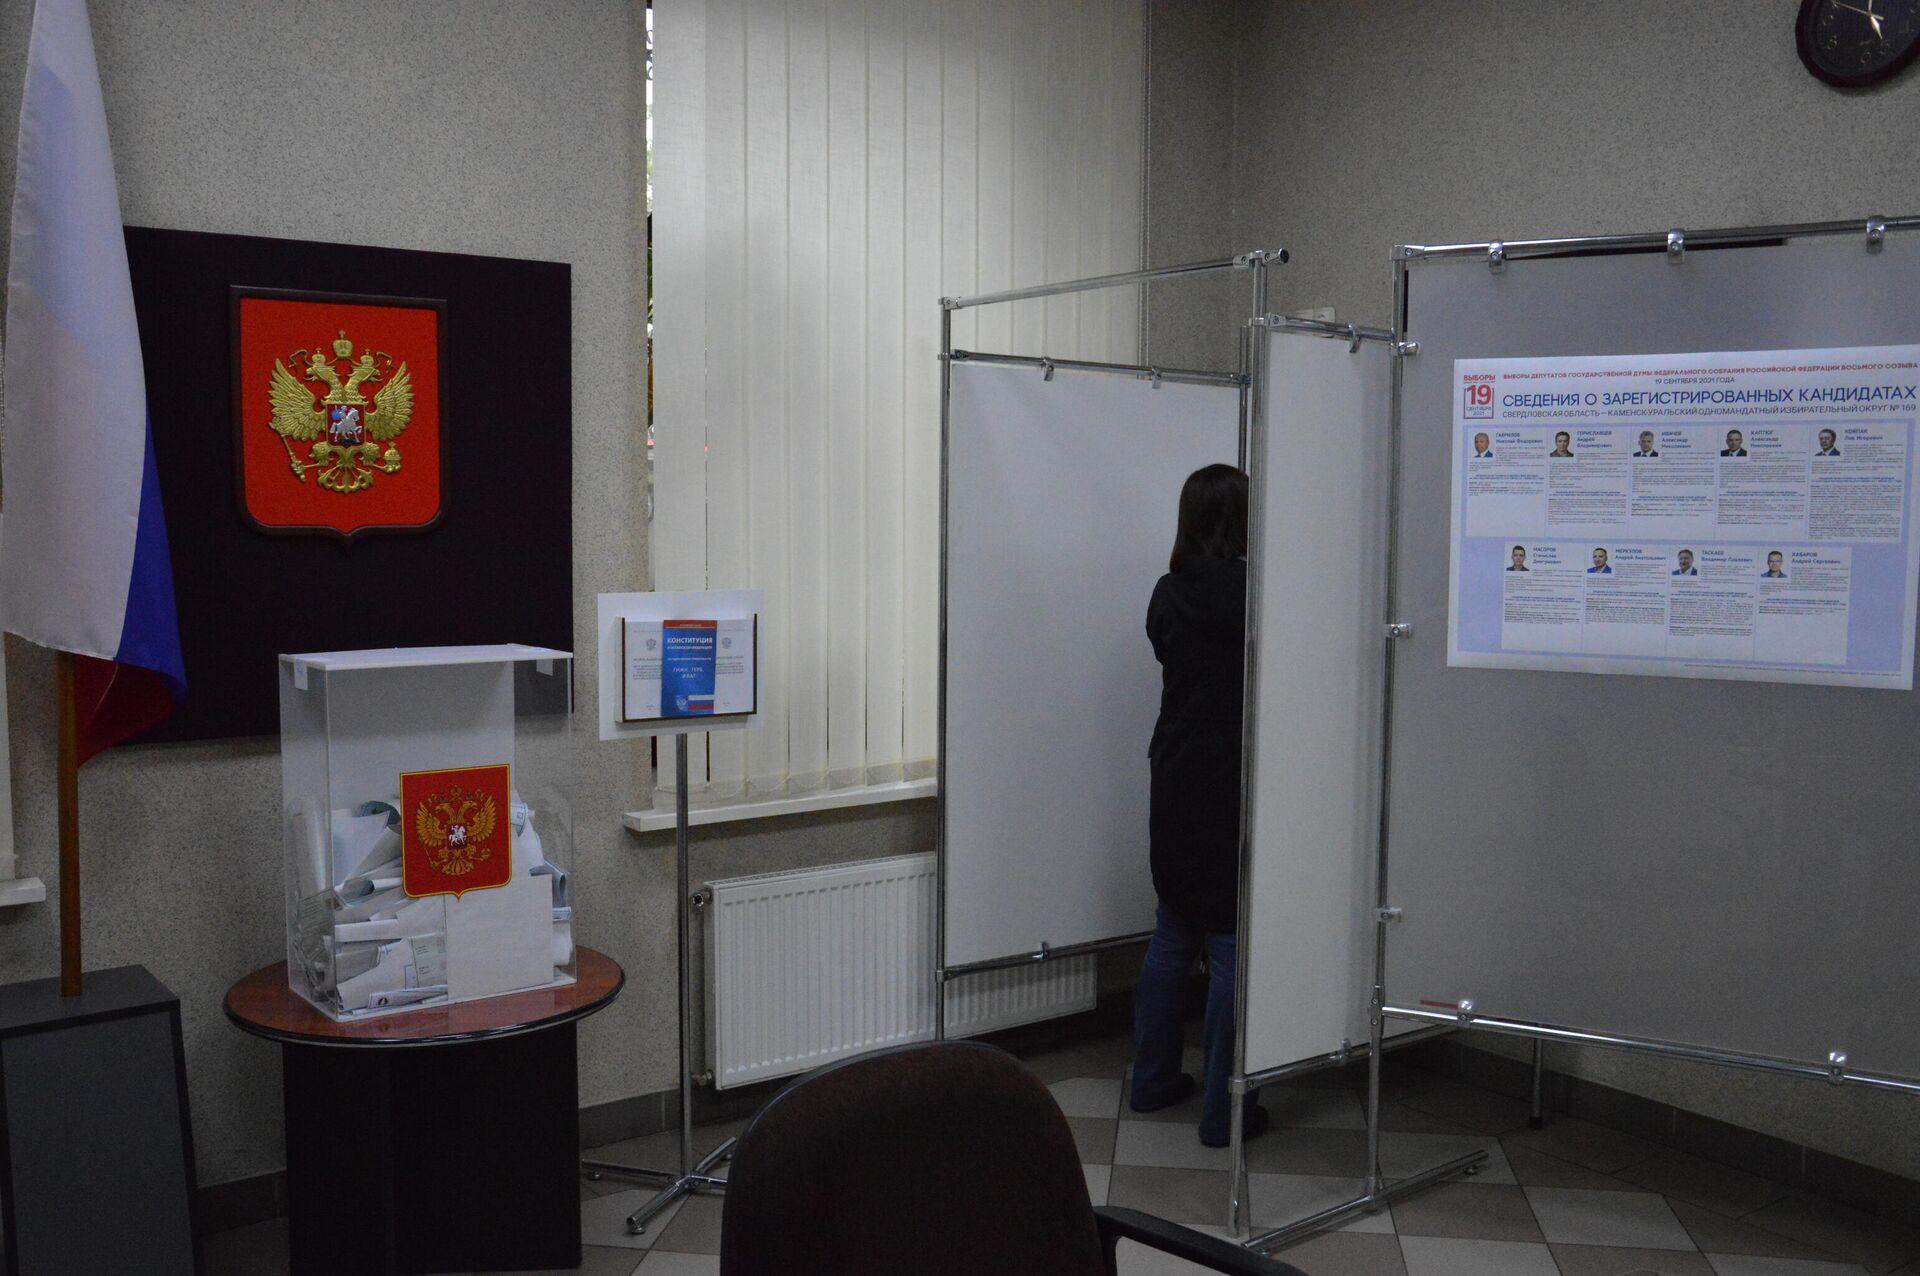 Кабинки для голосования на участке - без шторок - Sputnik Беларусь, 1920, 19.09.2021